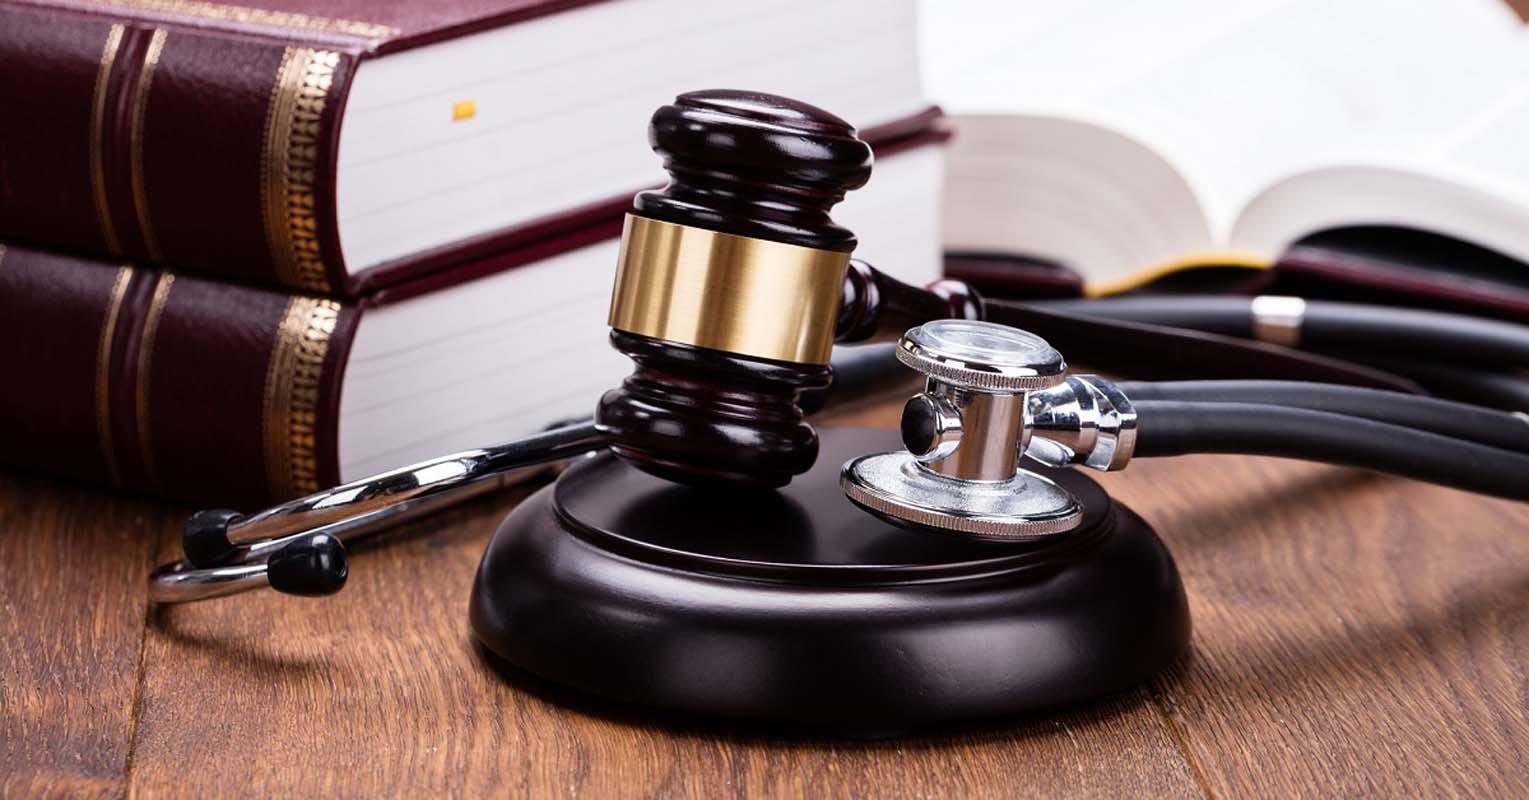 Медицинские адвокаты, юристы по медицинским вопросам, онлайн консультация, цена в Москве и РФ